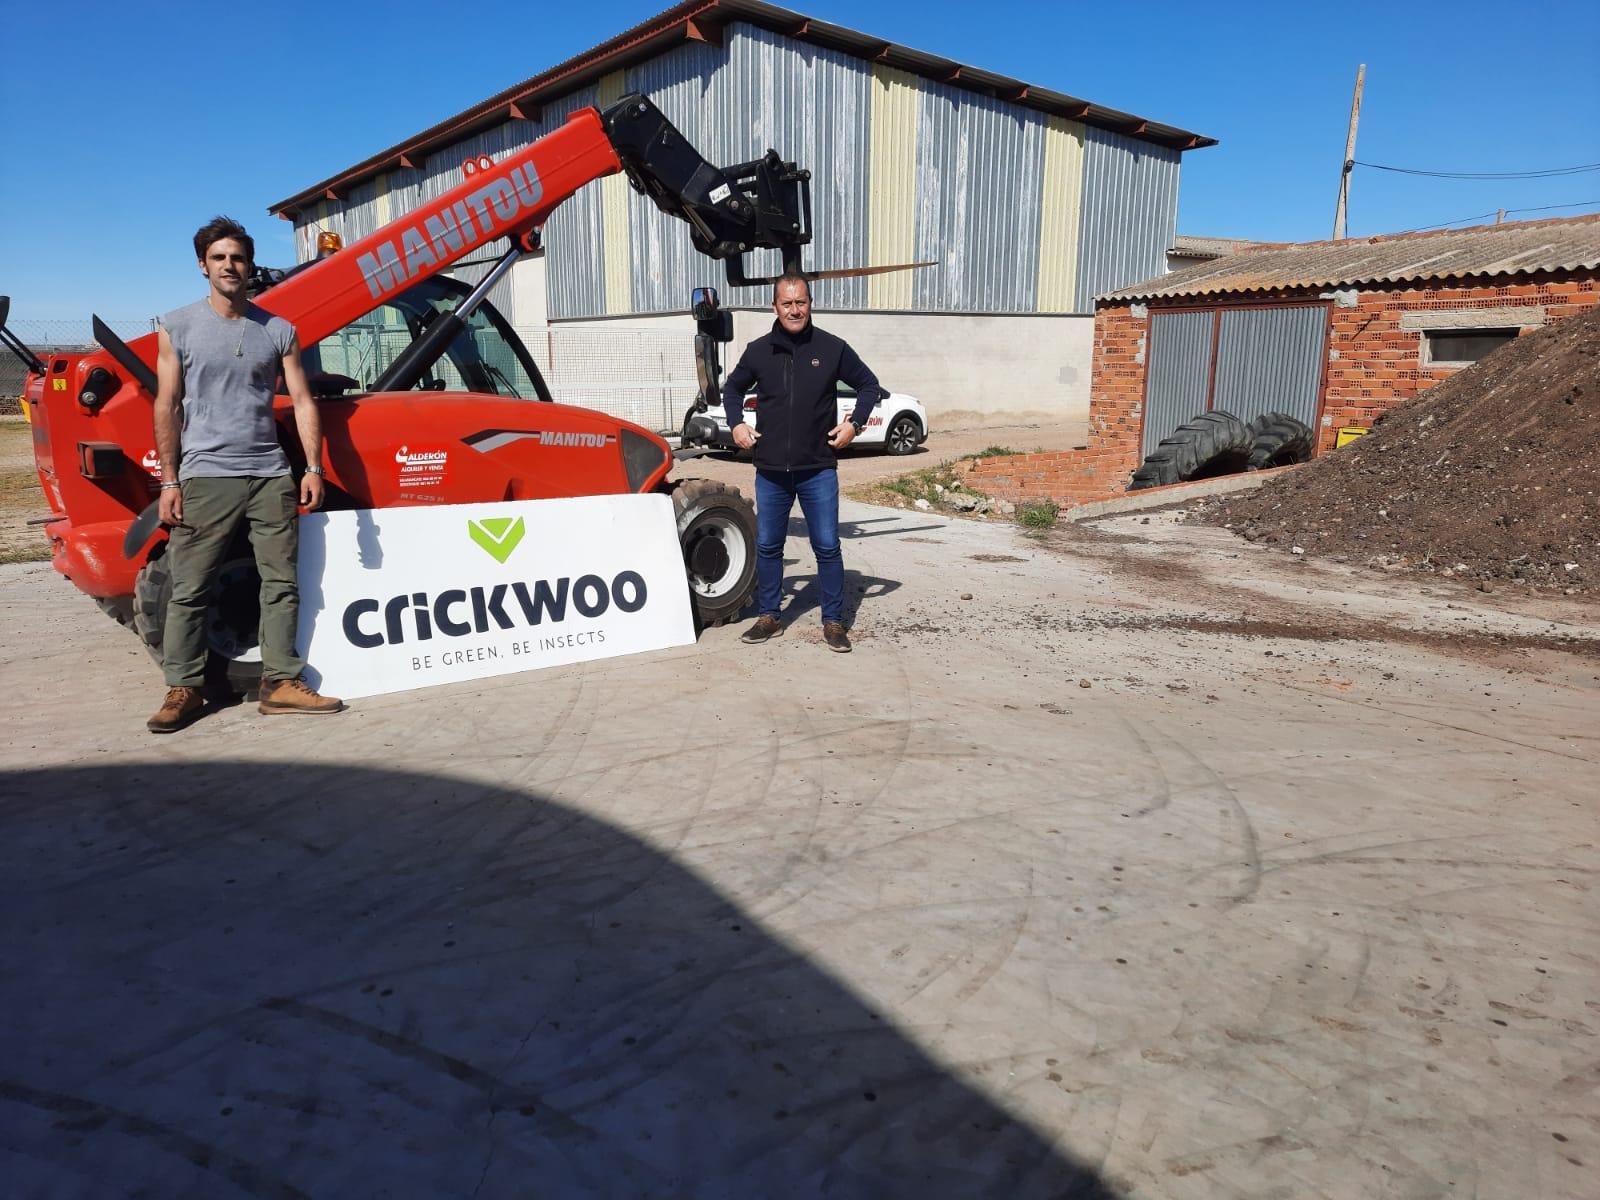 Nos estrenamos en nuevo tipo de negocio que use una telescópica Manitou... Crickwoo y su humus de lombriz!!